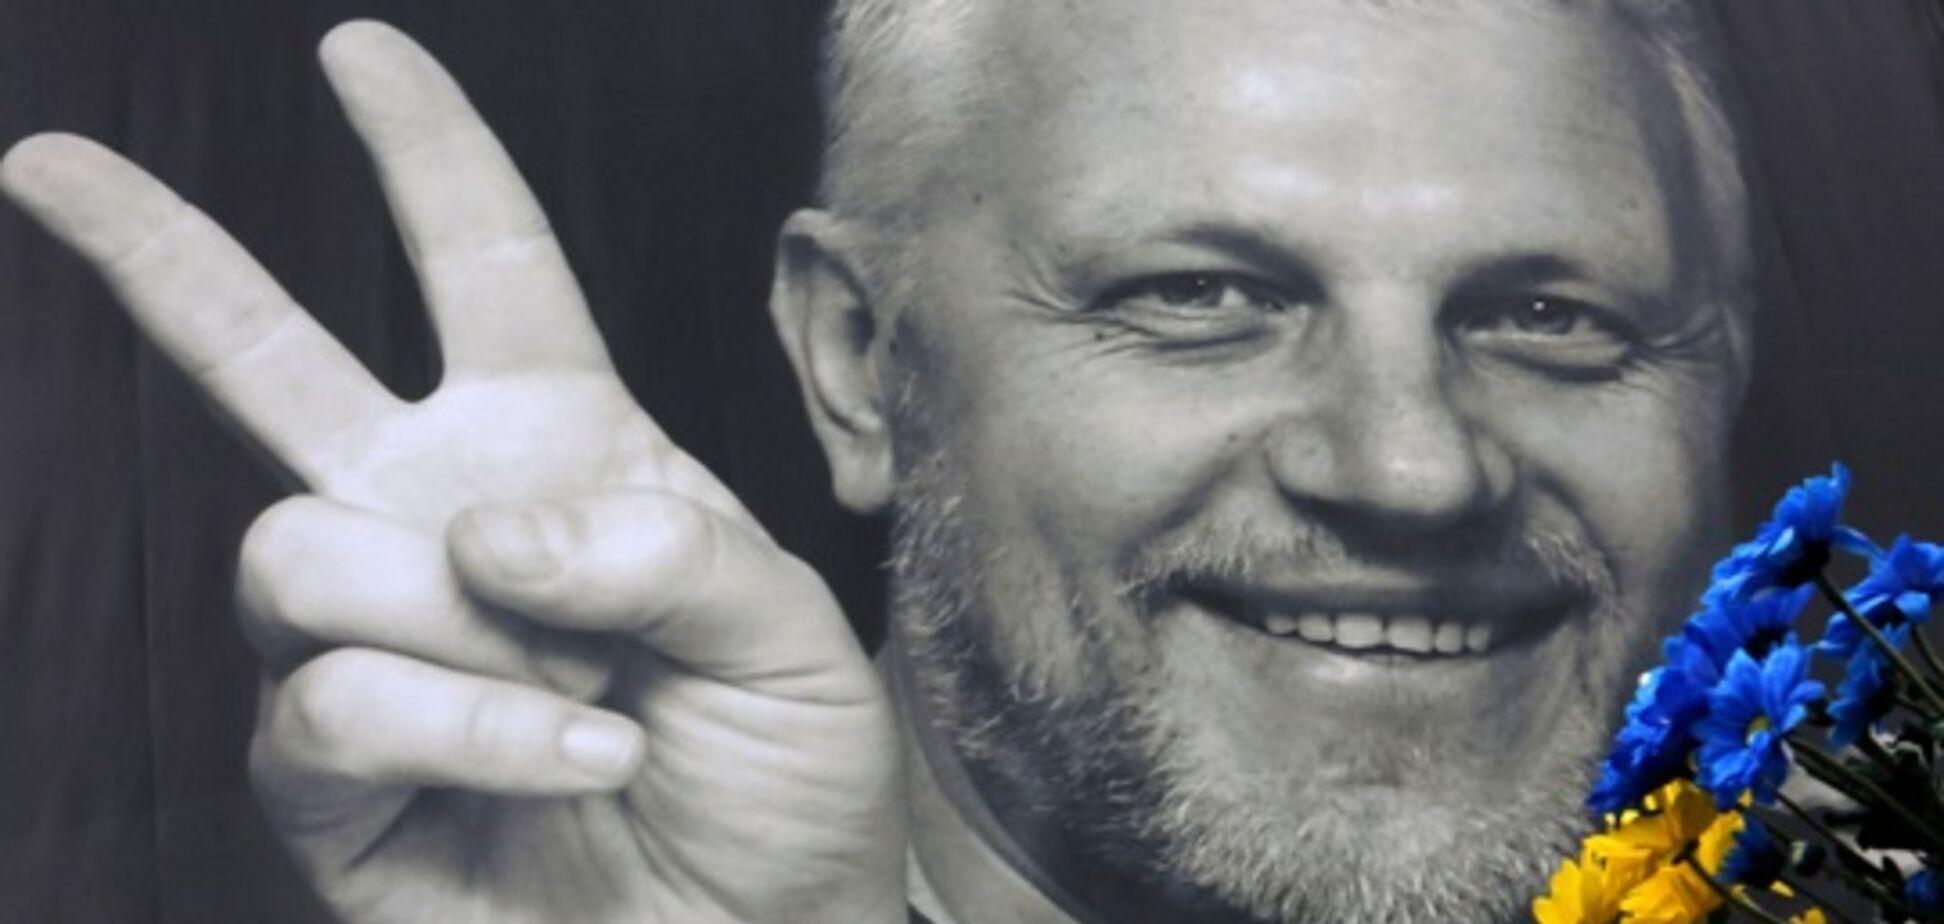 Без шансов: украинцы дали печальный прогноз по расследованию убийства Шеремета